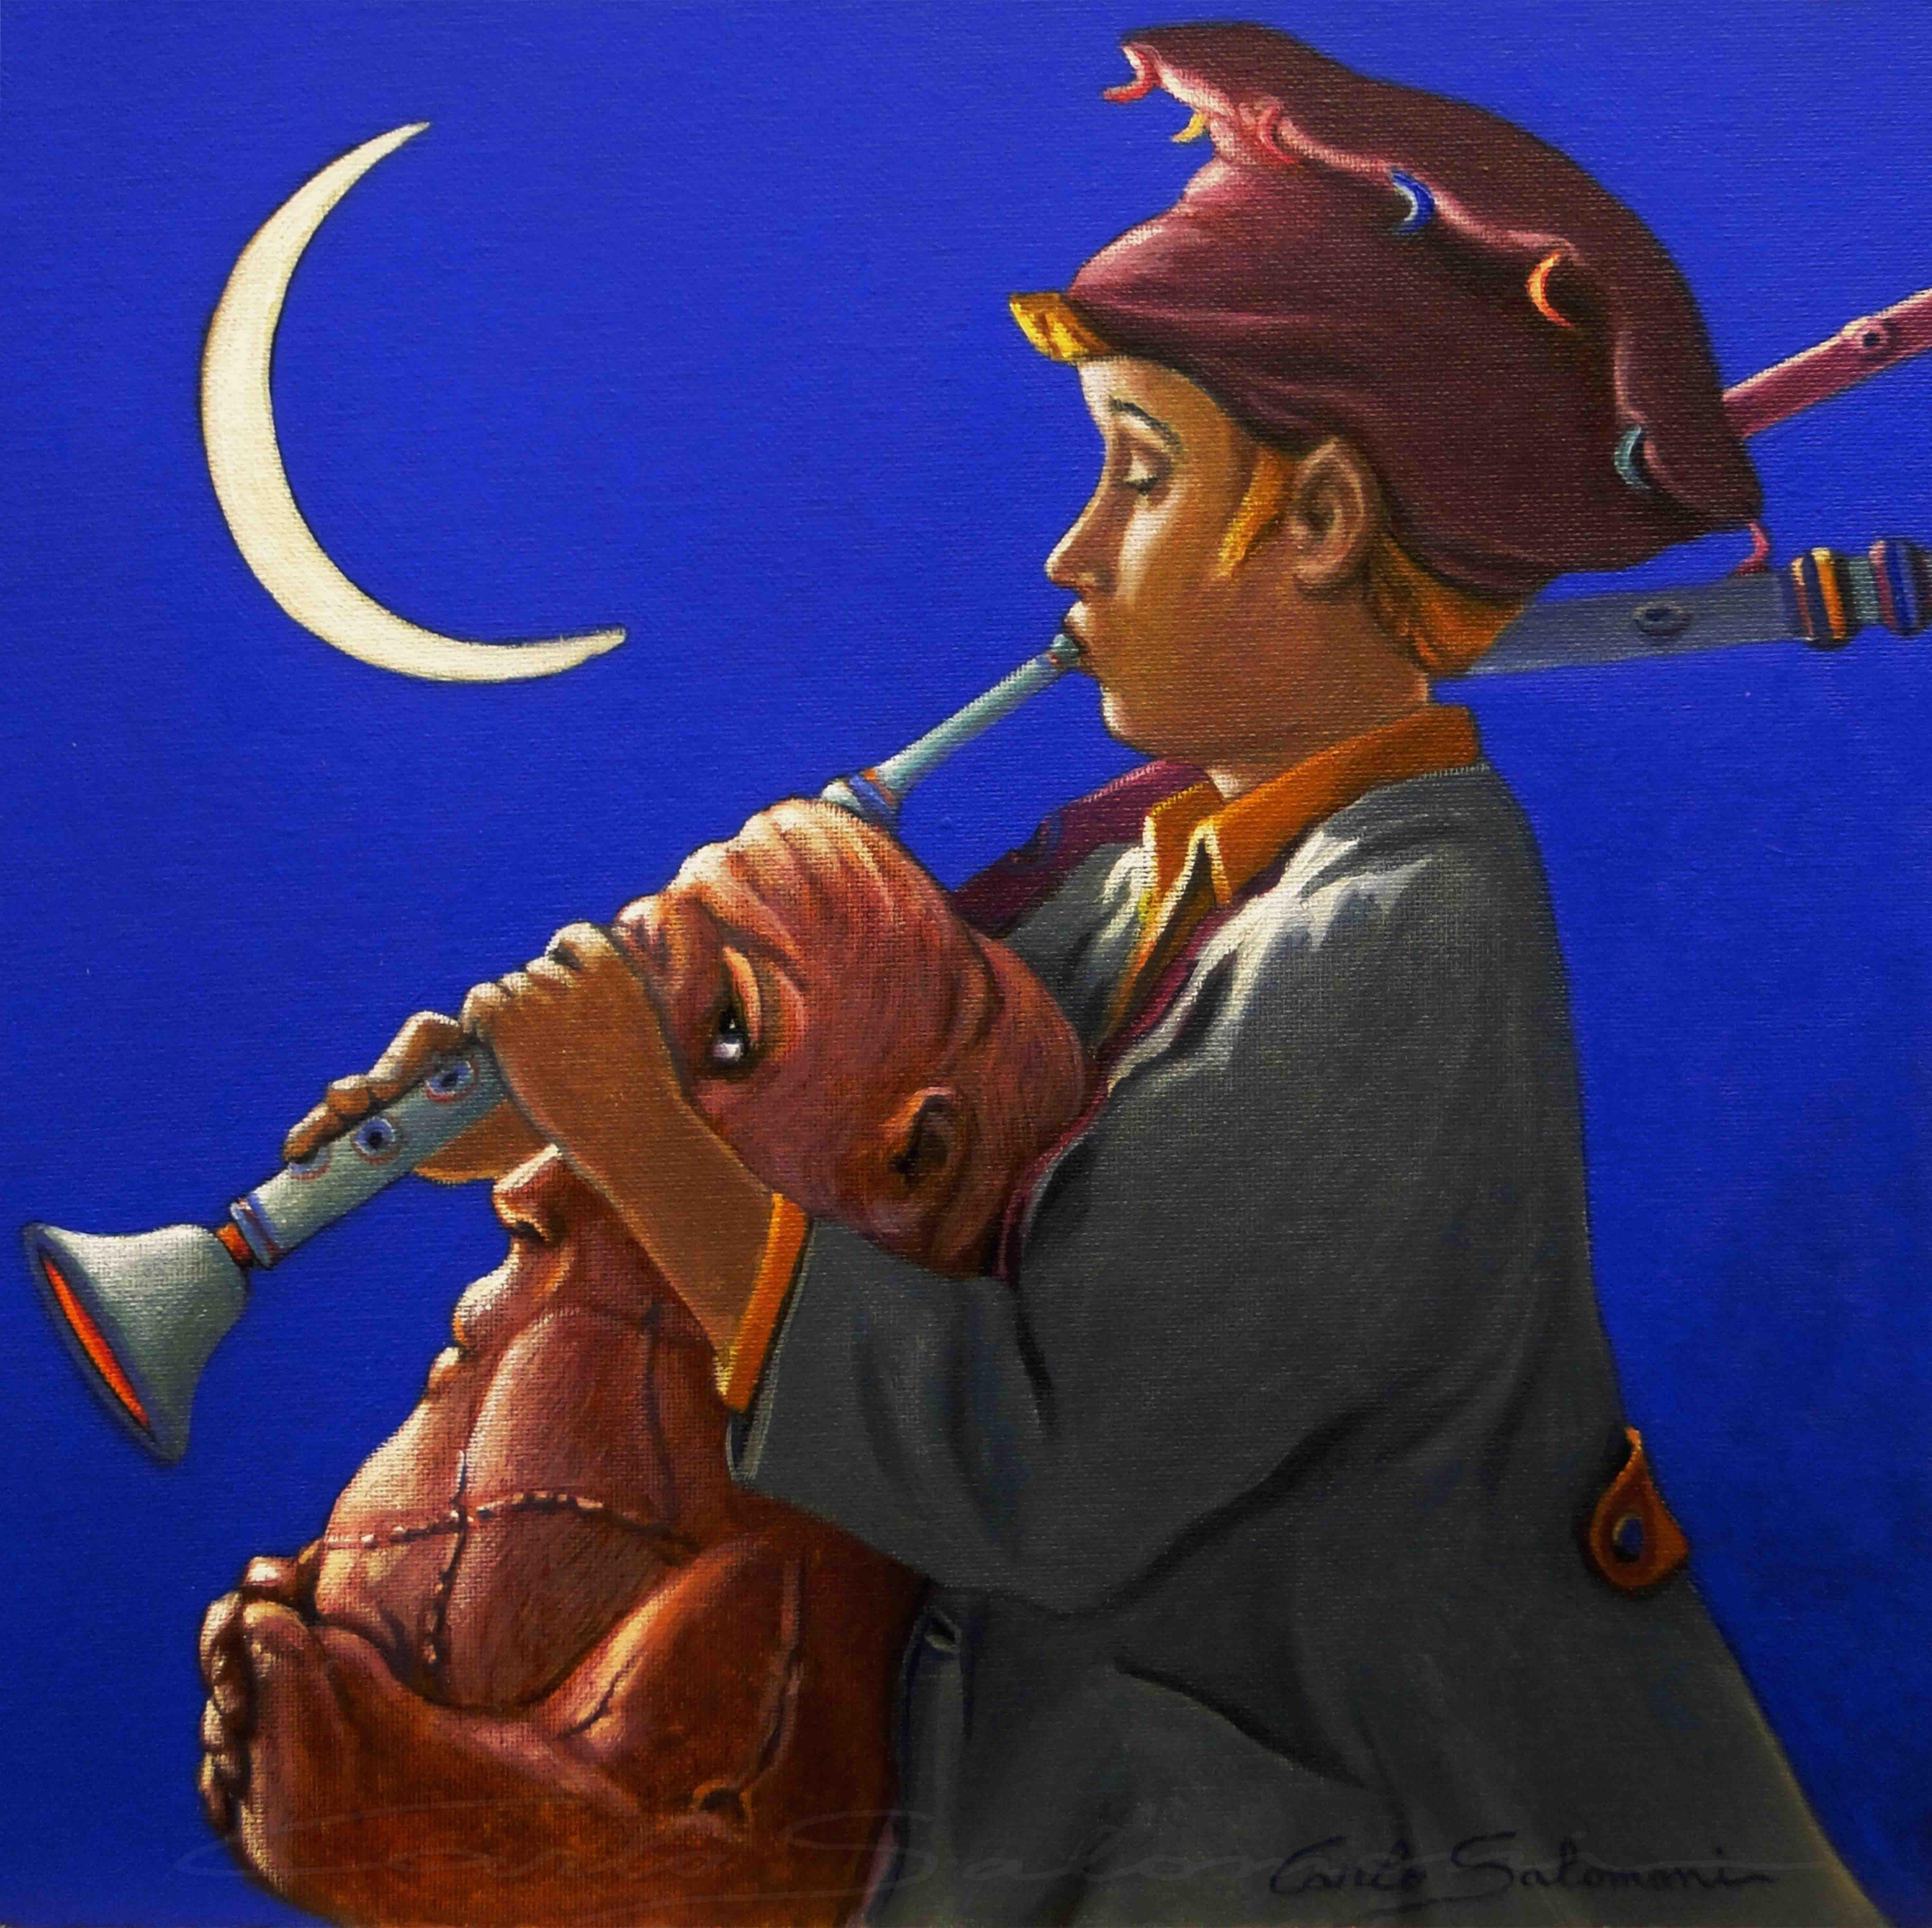 The magic cornamusa